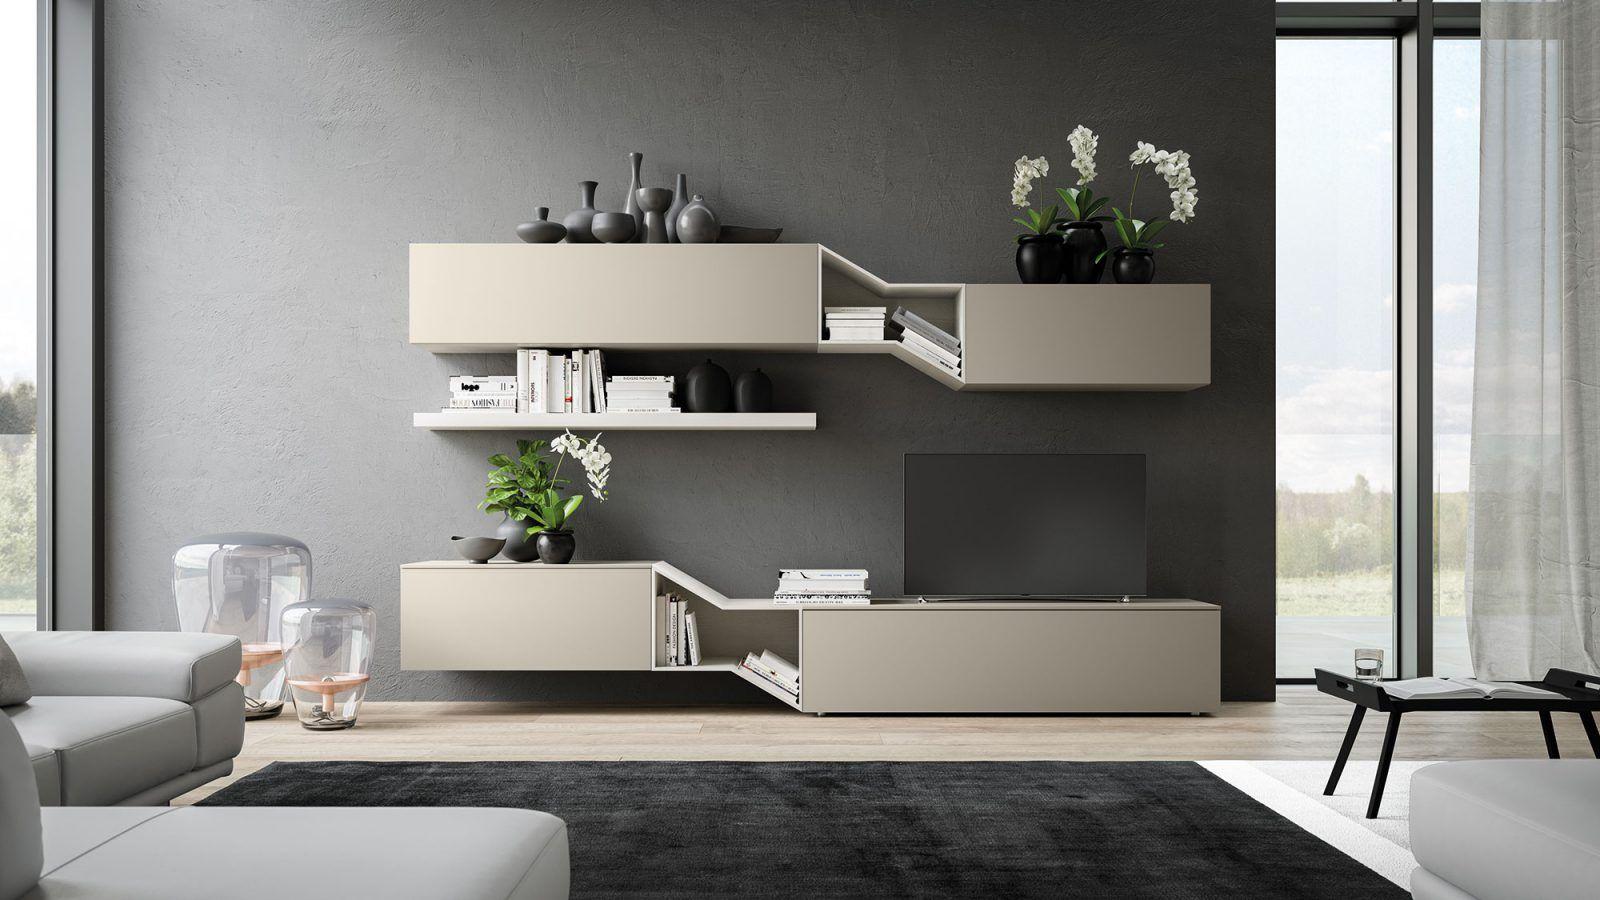 Orme light giorno forme e colori per il living arredamenti disea - Programma disegno mobili ...